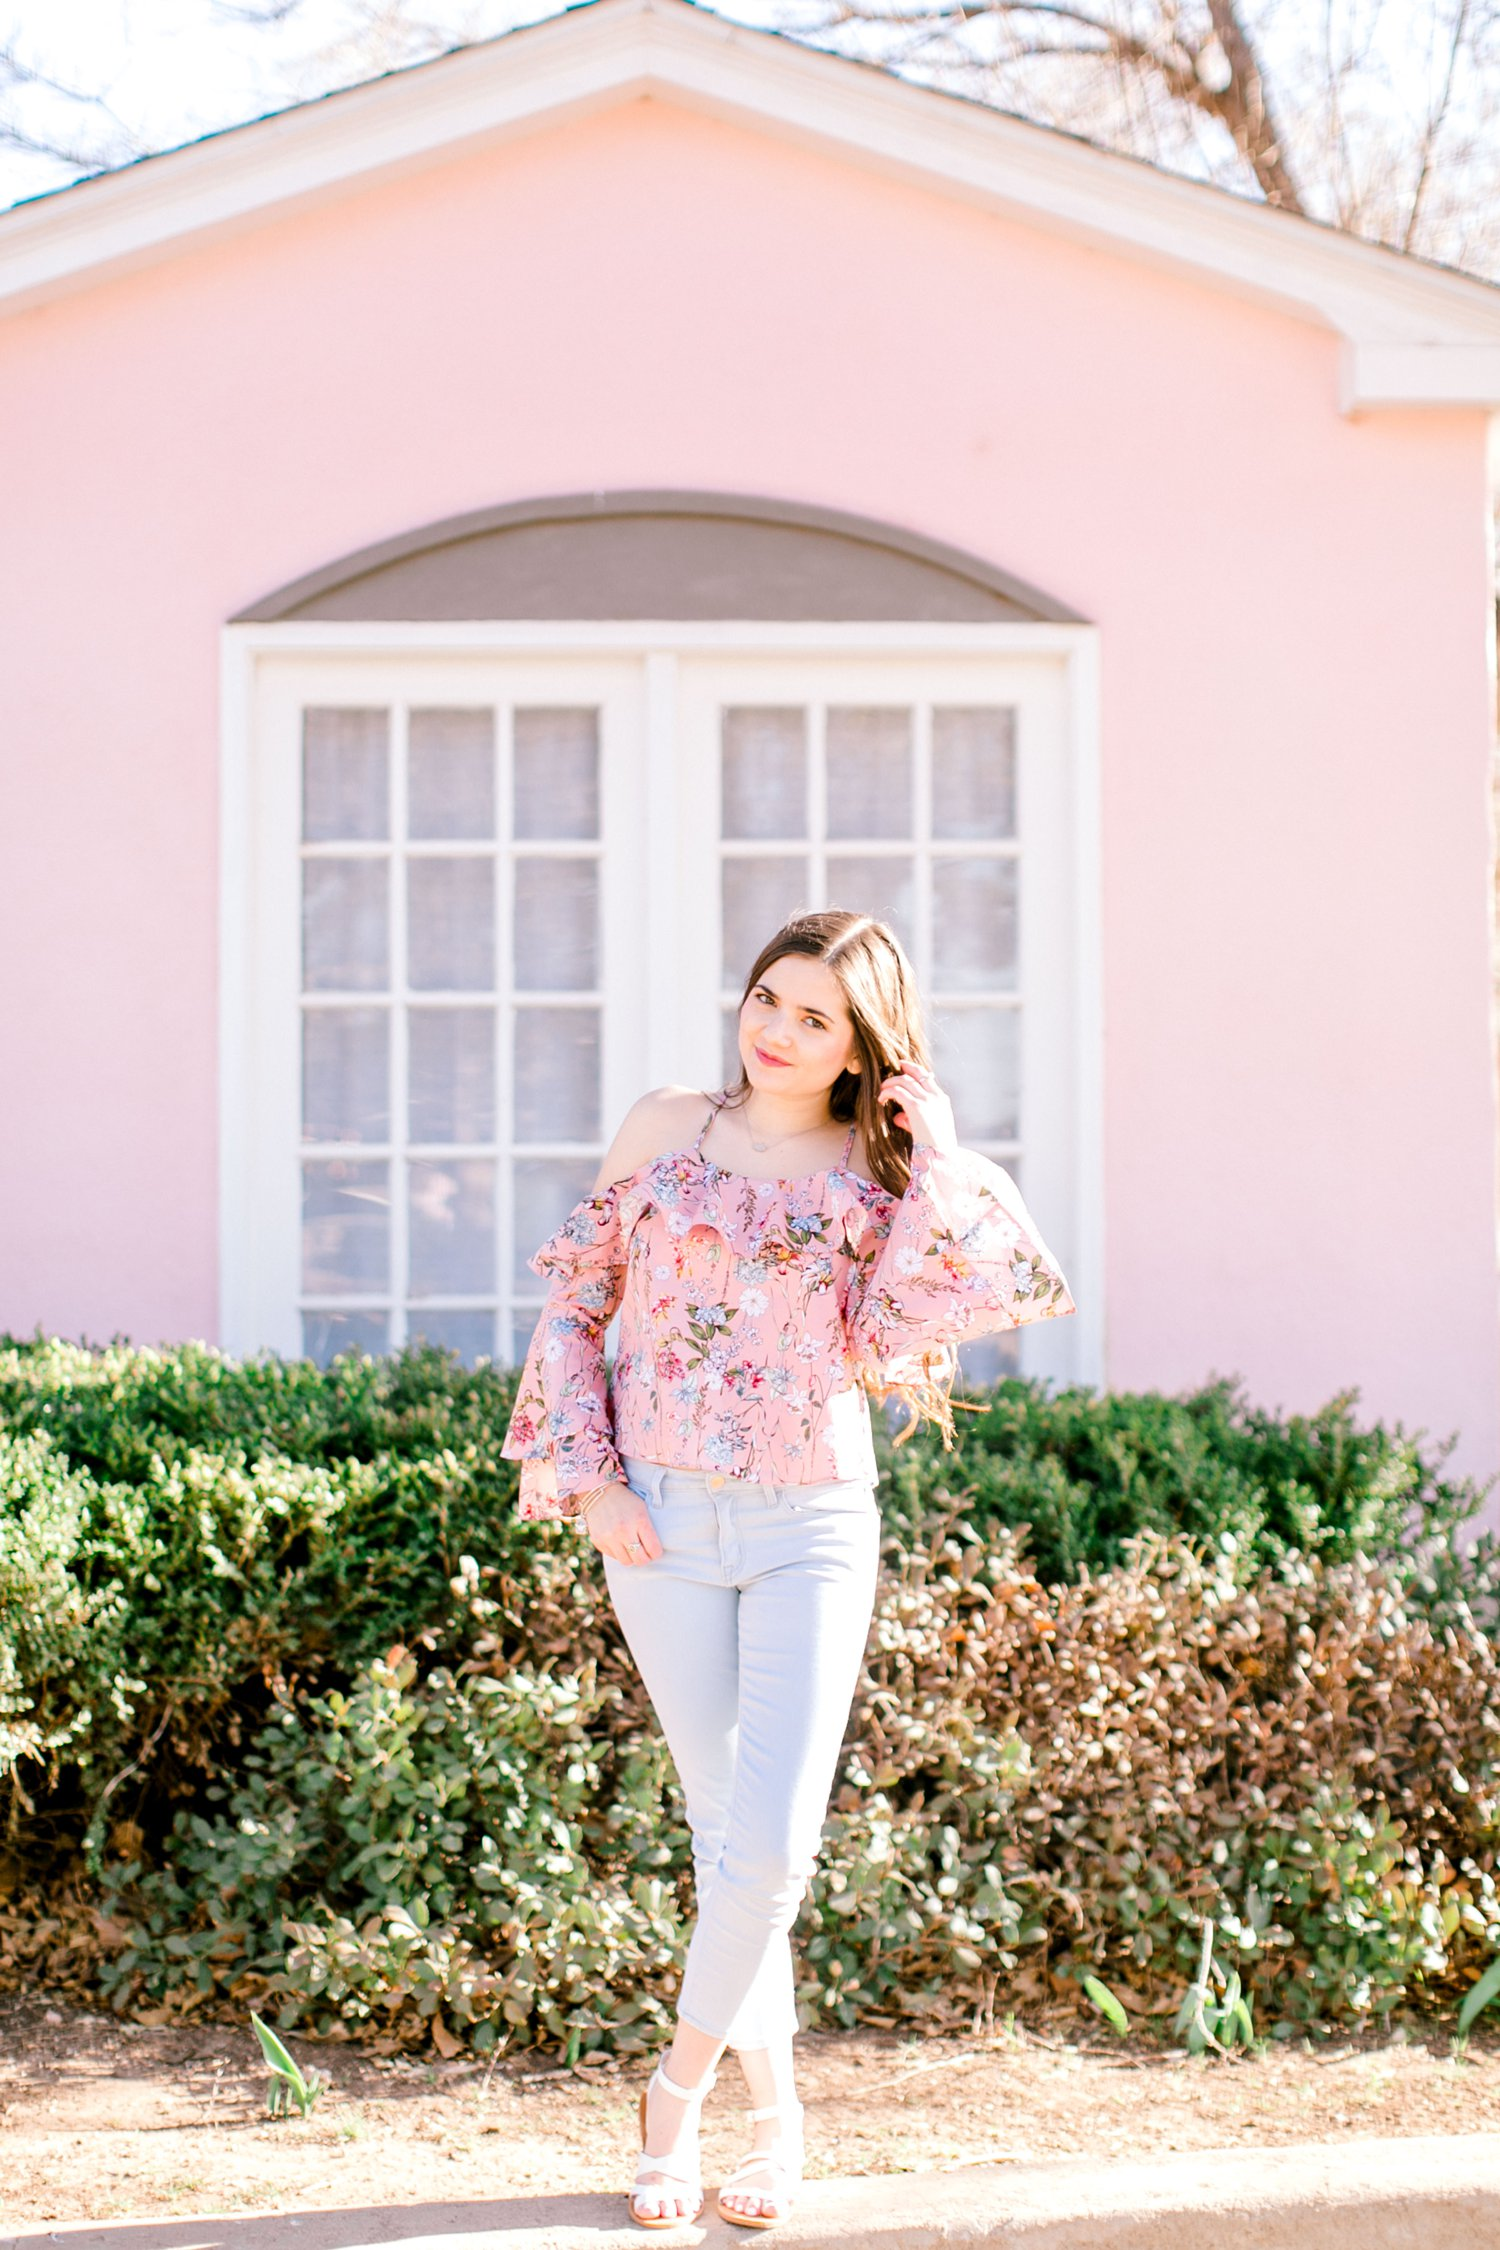 Emma-Stapleton-High-School-Senior-Photographer-Lubbock_0008.jpg